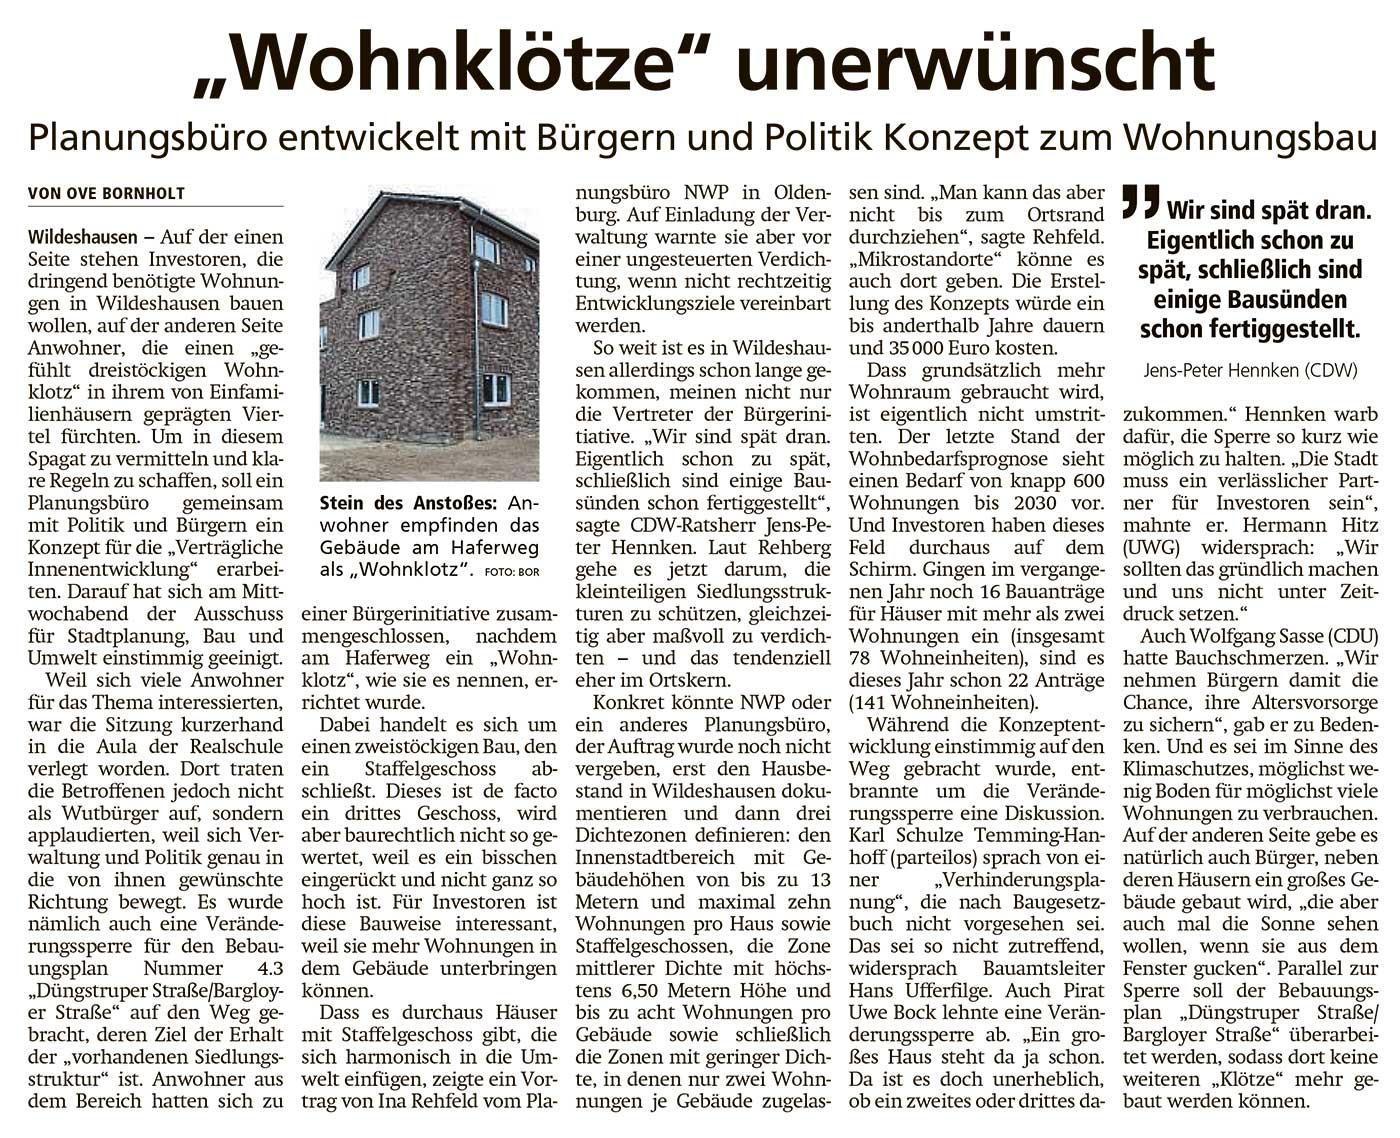 'Wohnklötze' unerwünschtPlanungsbüro entwickelt mit Bürgern und Politik Konzept zum WohnungsbauArtikel vom 20.11.2020 (WZ)